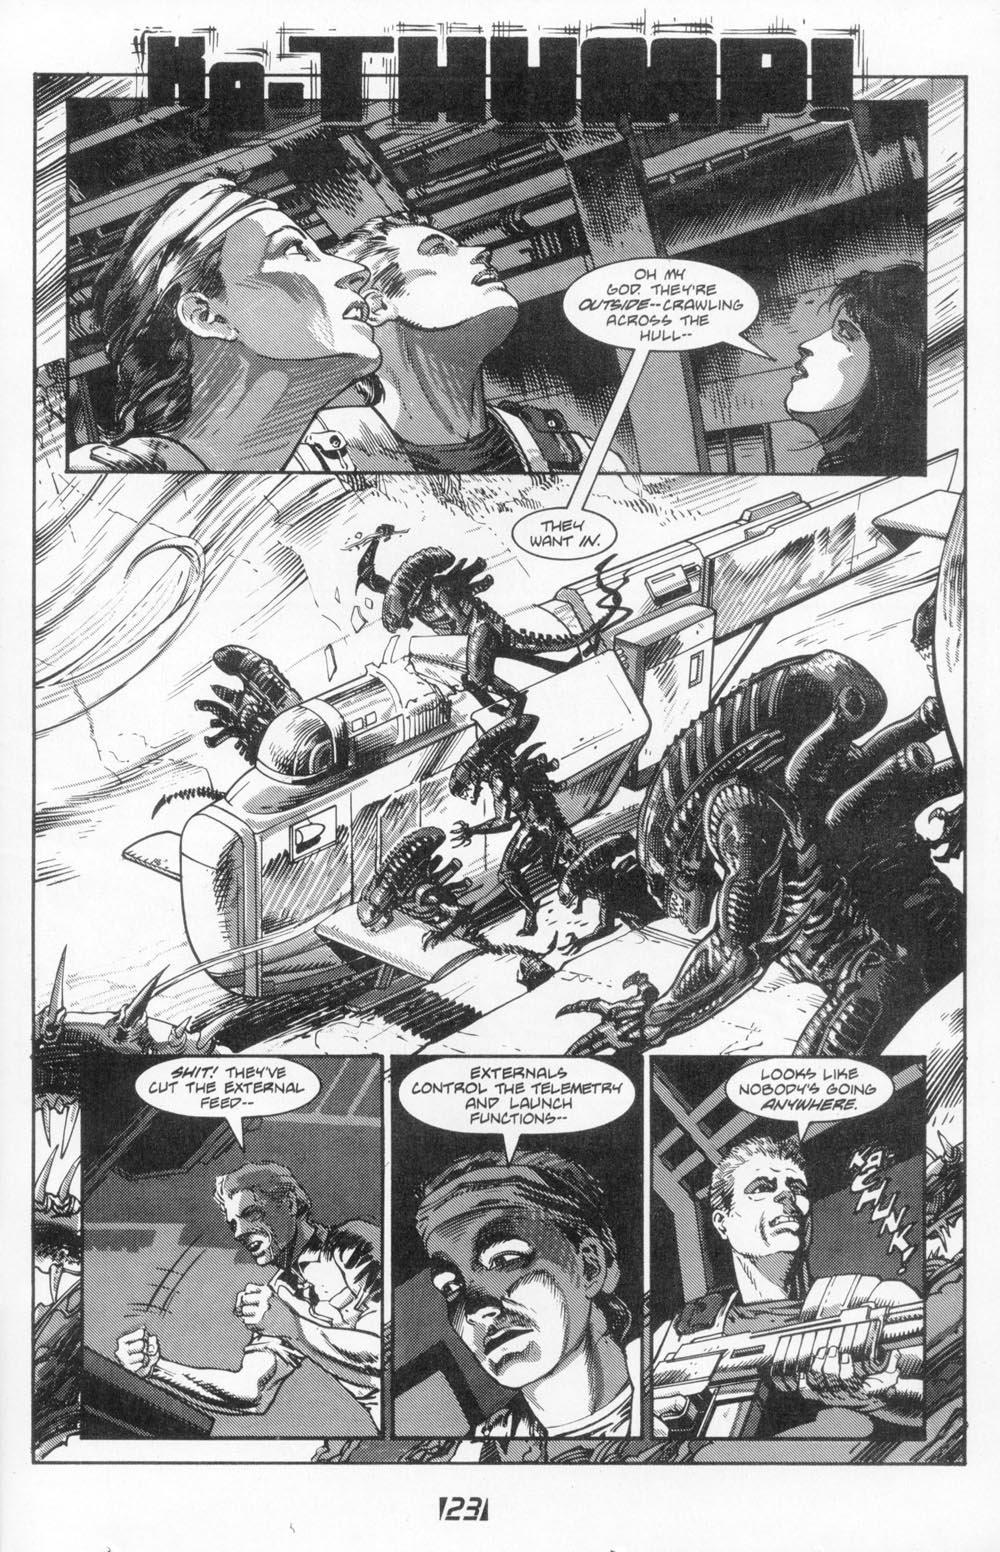 Жуткие комиксы про Чужих, откоторых кровь стынет вжилах   Канобу - Изображение 7